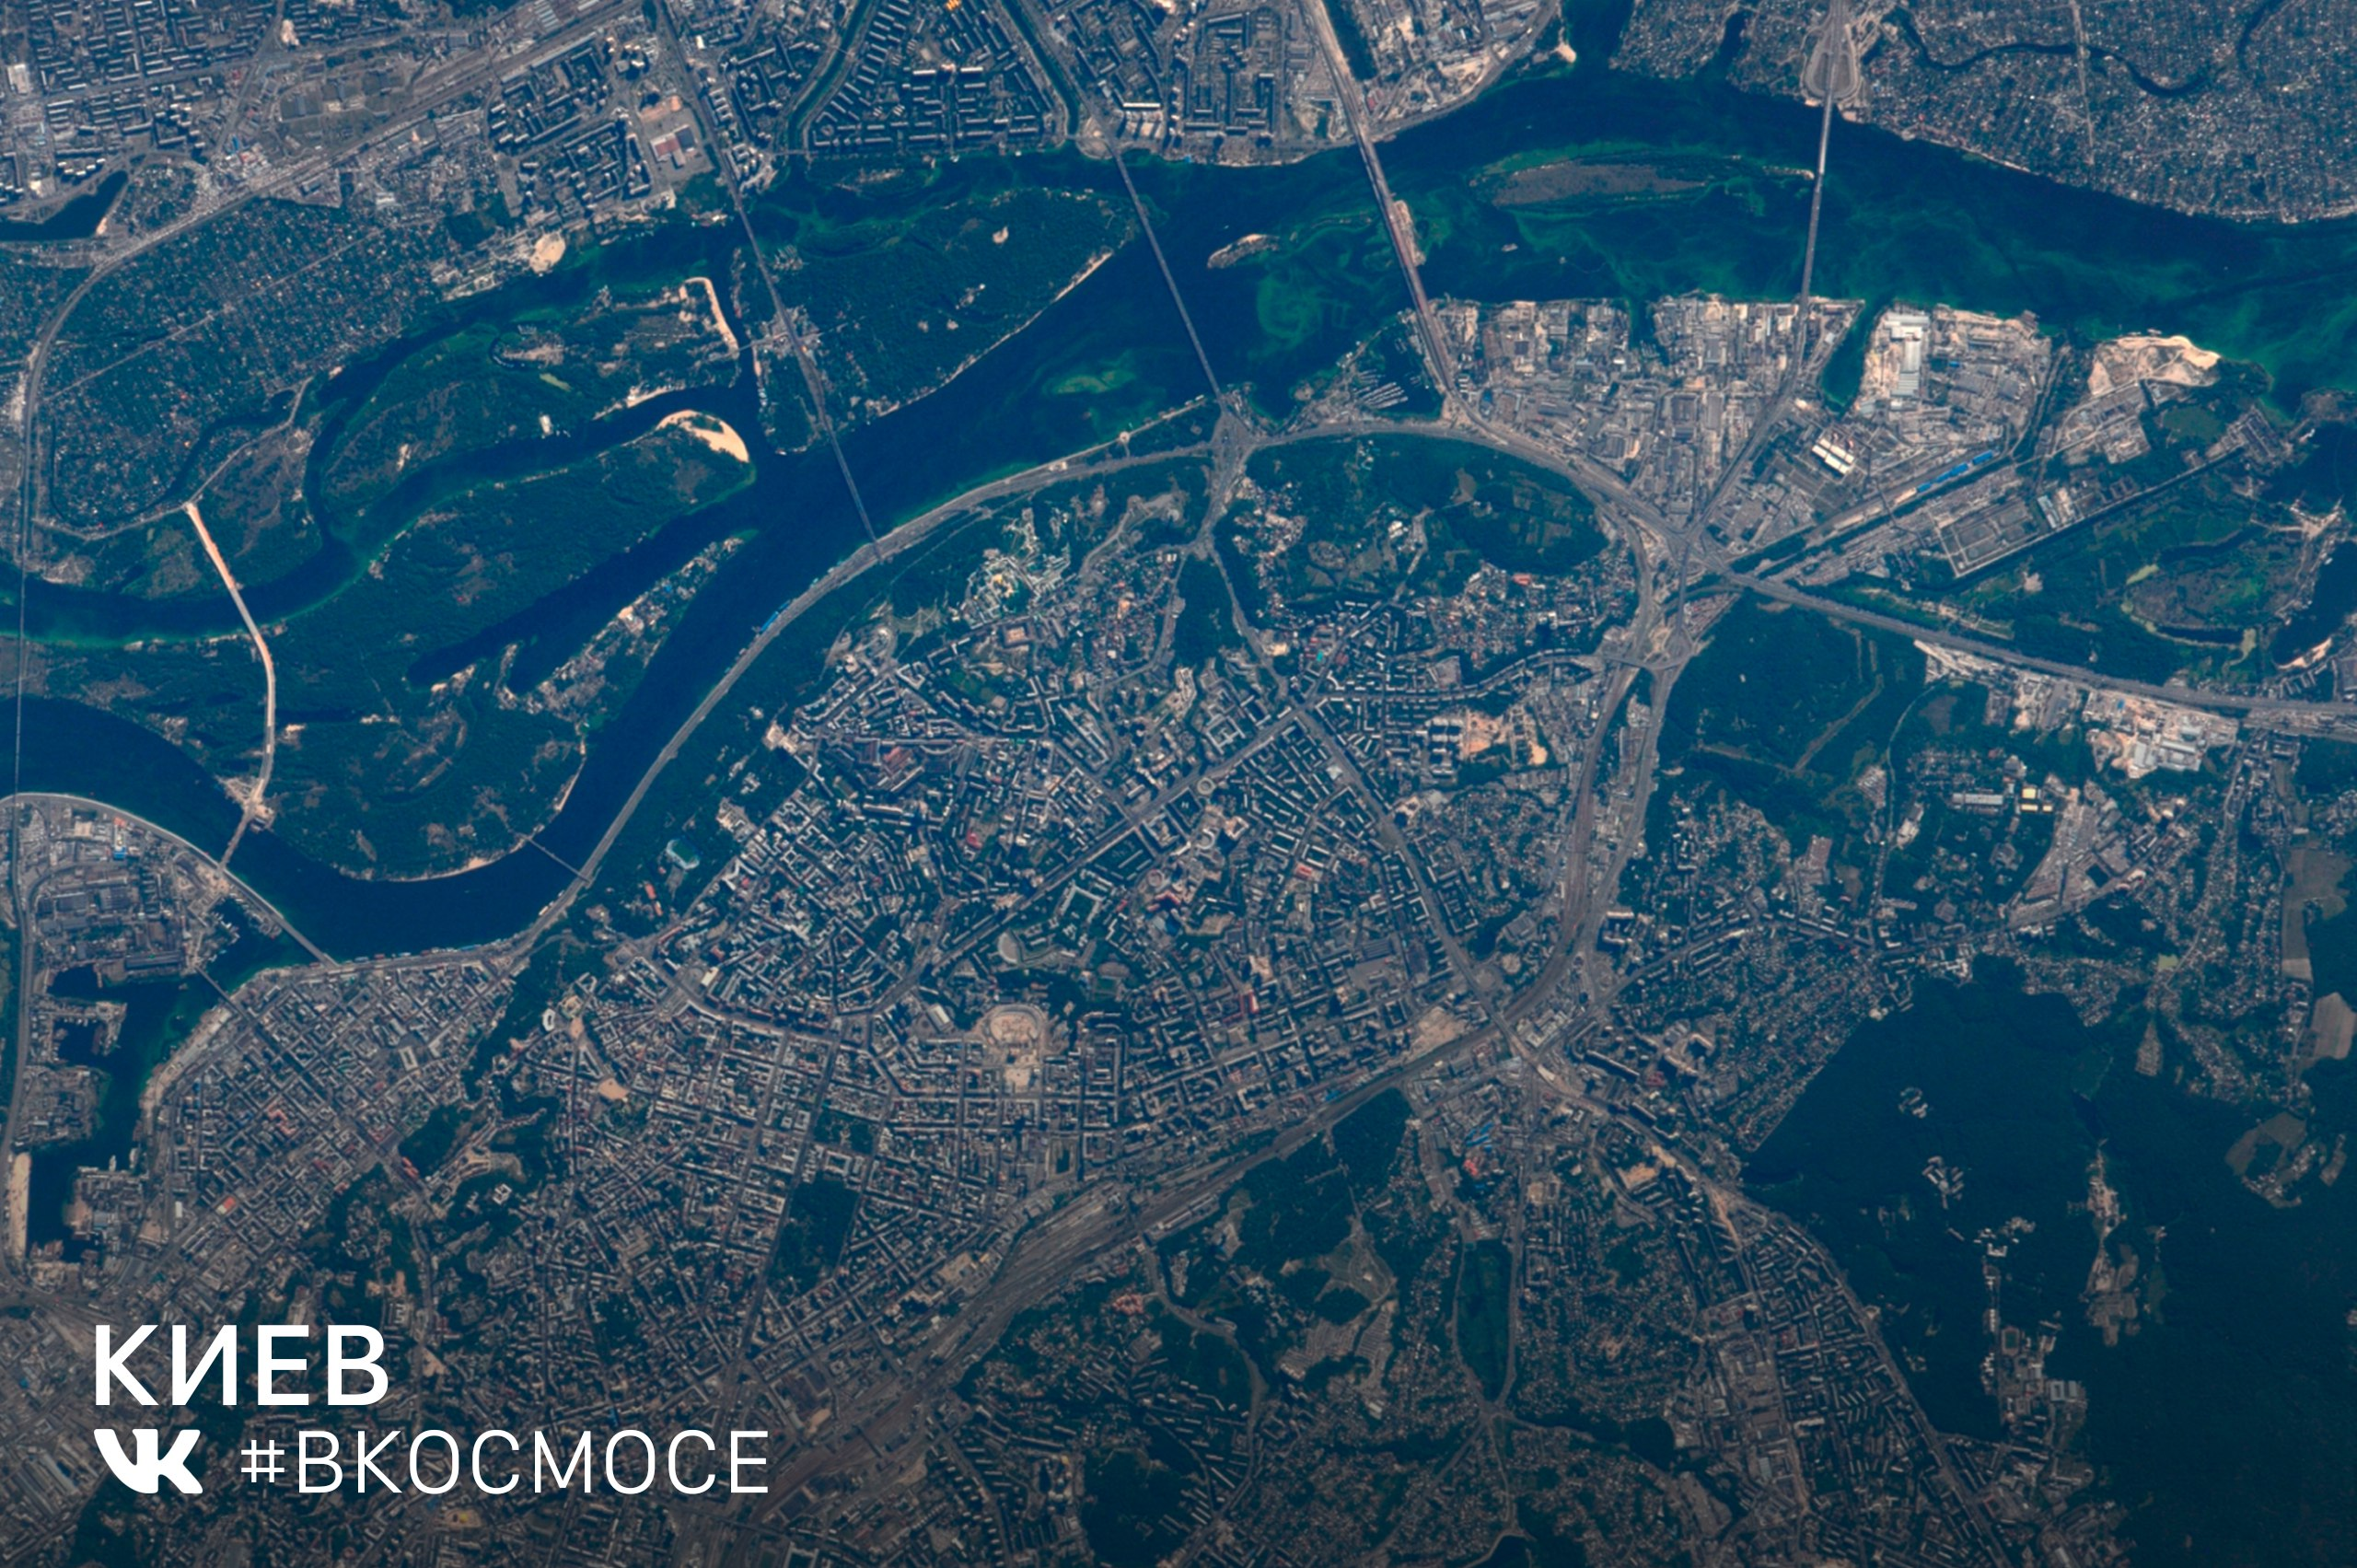 Фото: космонавт Федор Юрчихин / Роскосмос